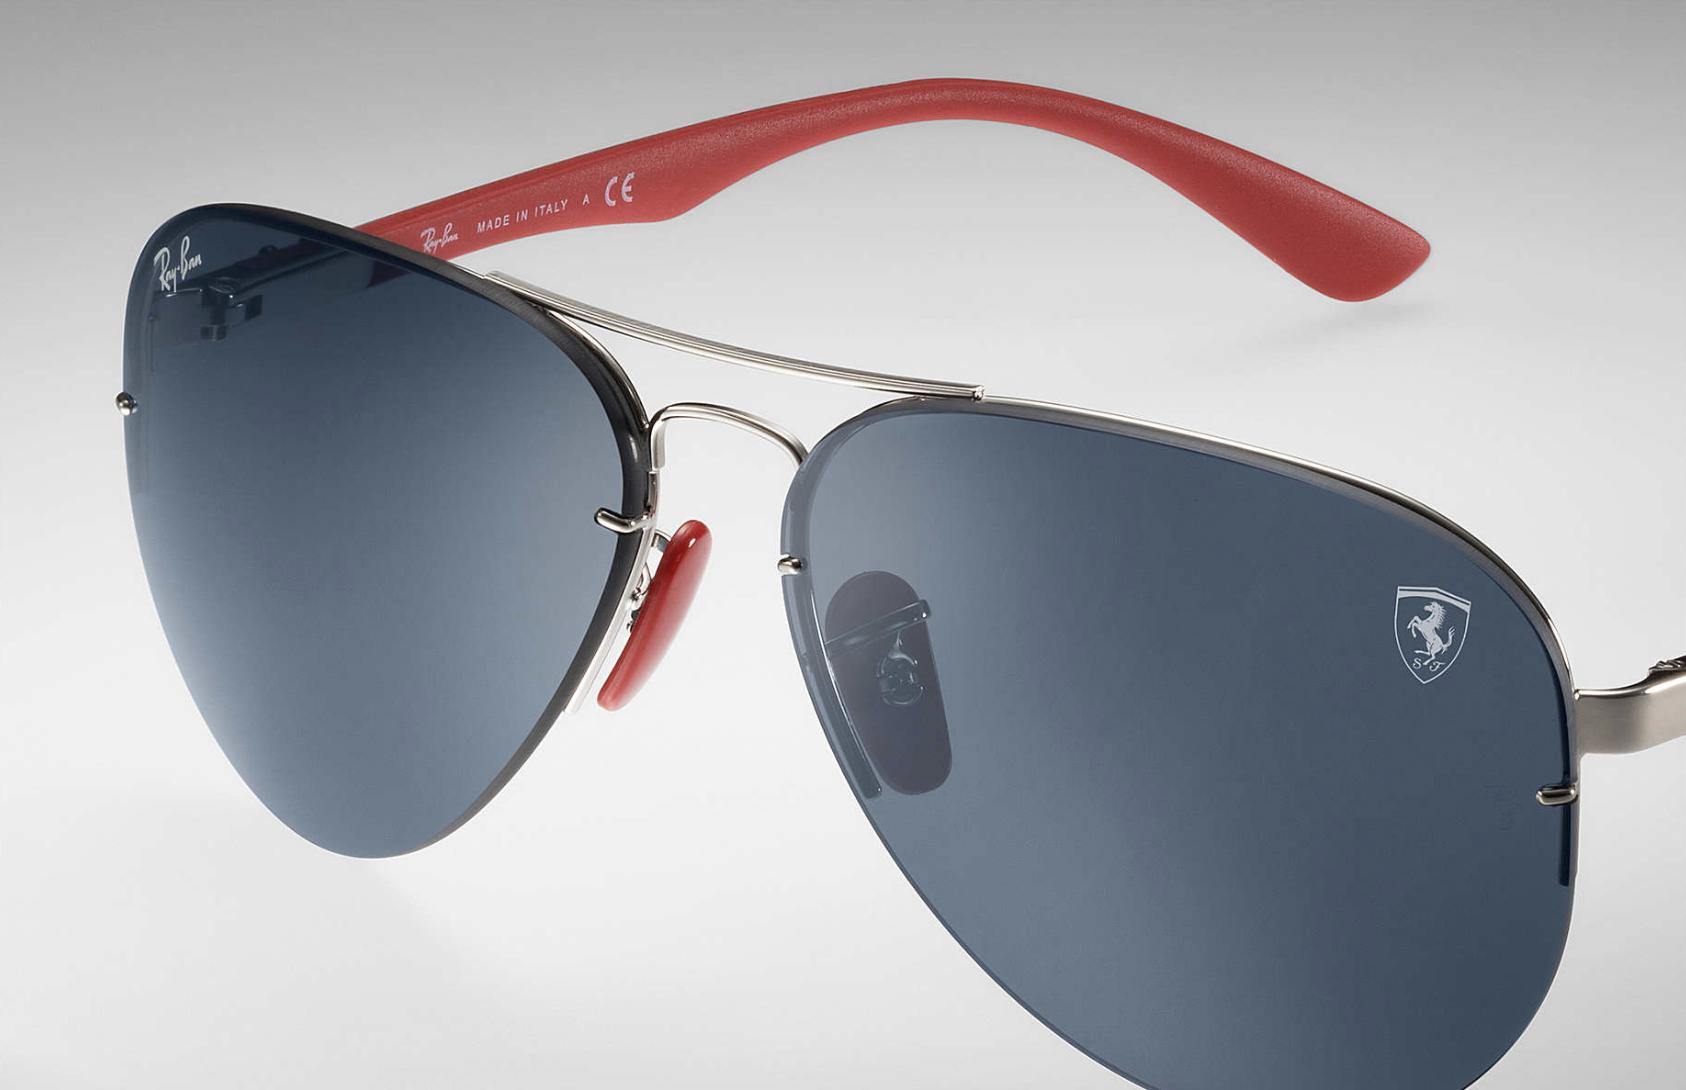 RB3460M Scuderia Ferrari Sunglasses by Ray-Ban - C